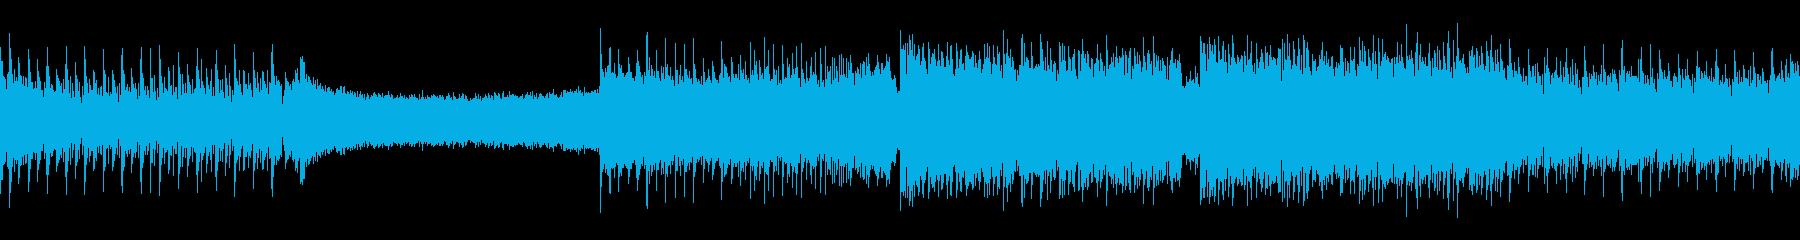 ループ/明るく軽快なかわいいトランスの再生済みの波形